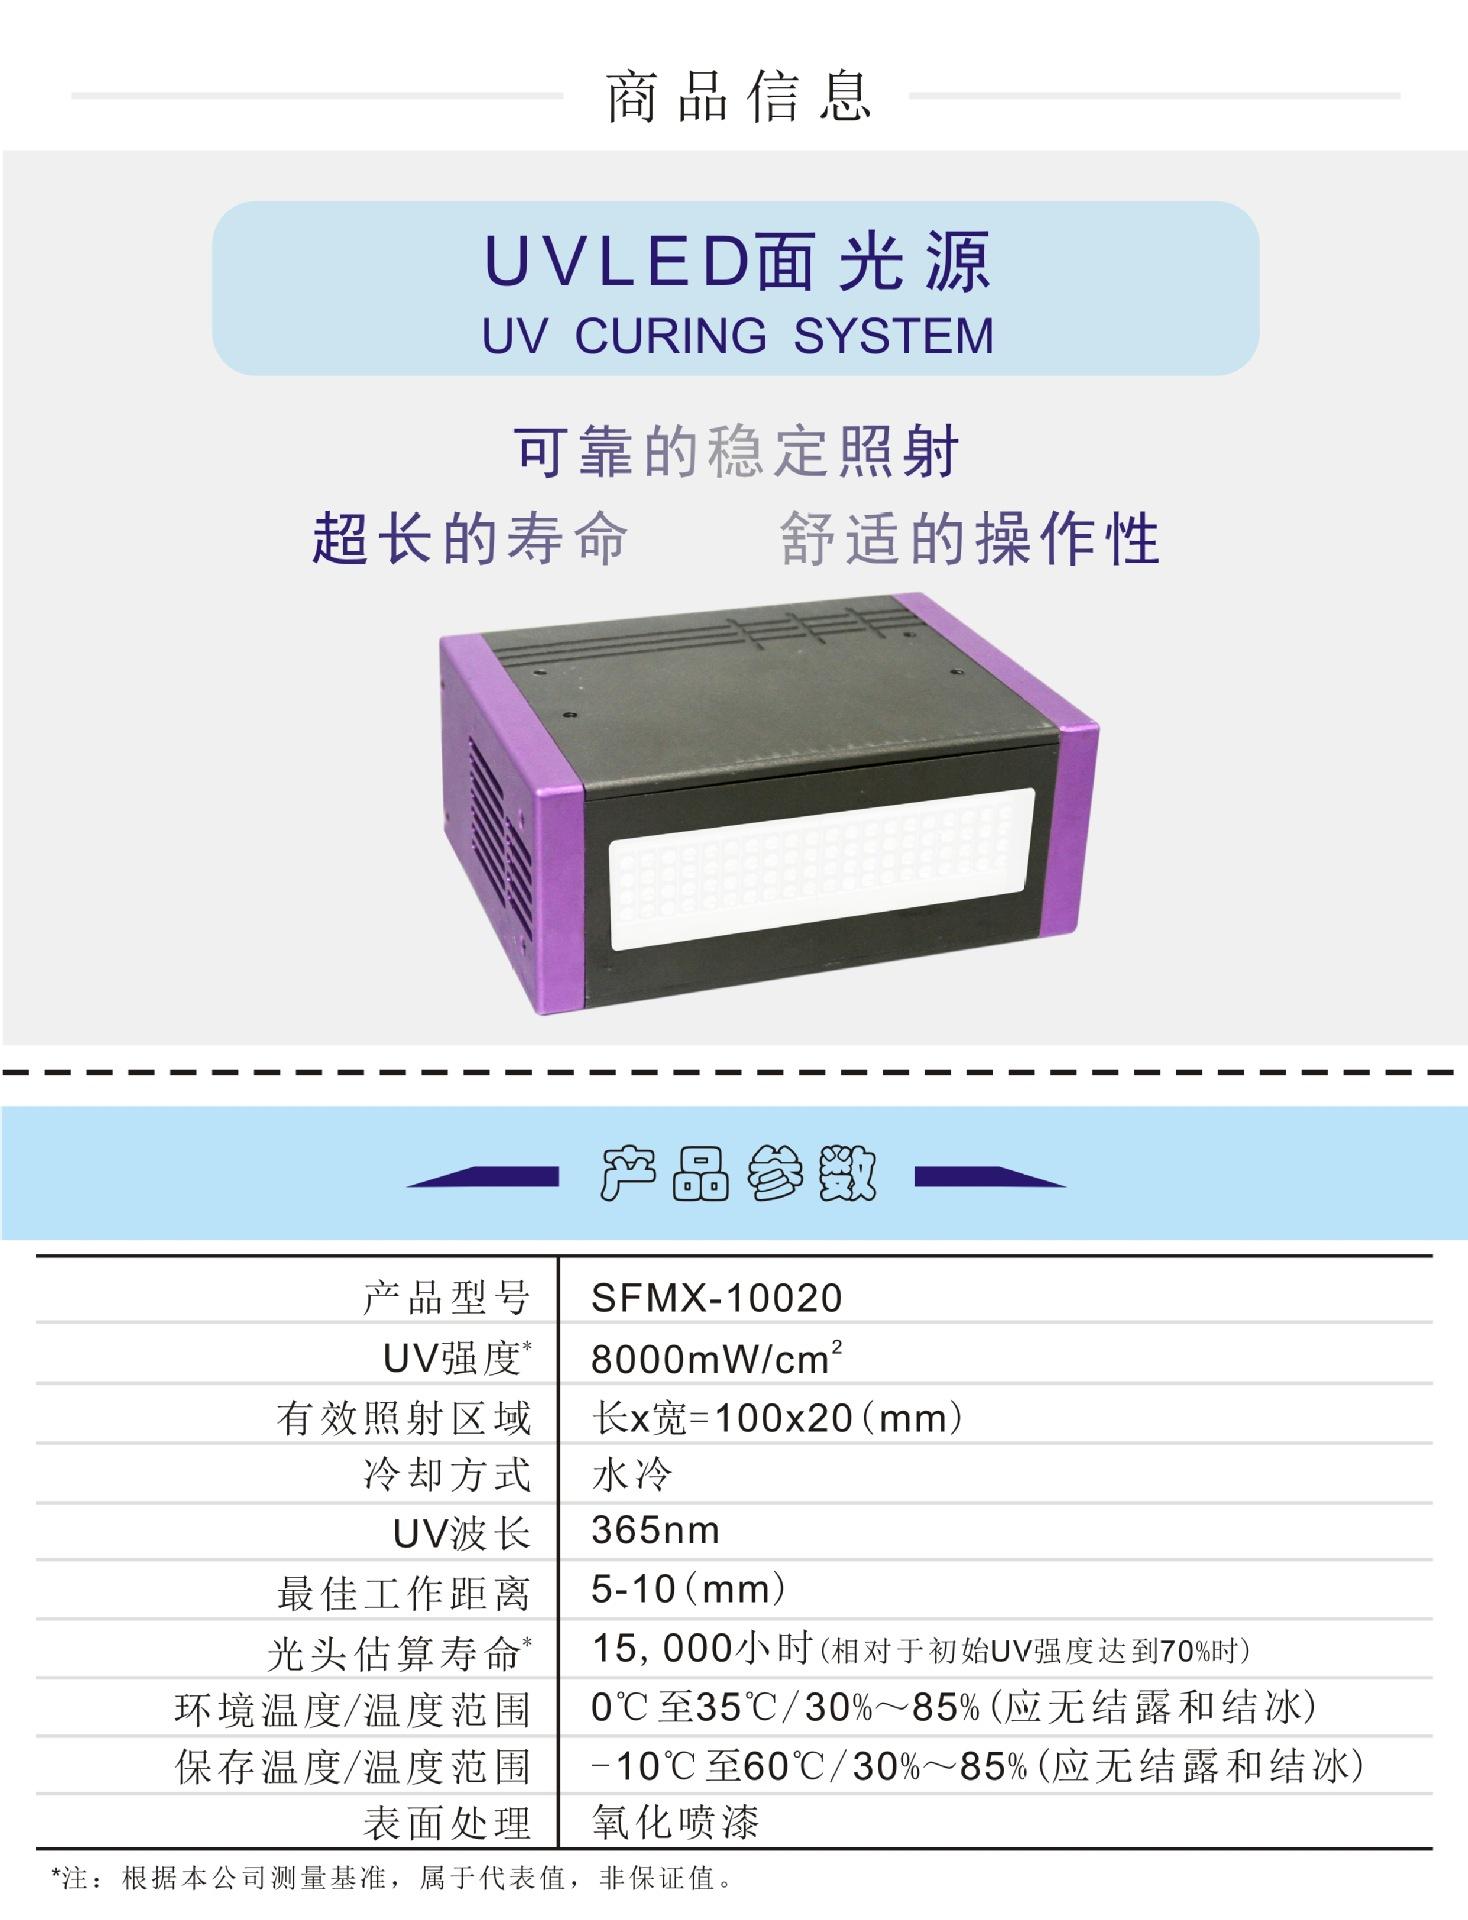 节能设备_uvled面光源型光固化机高效节能光固化设备